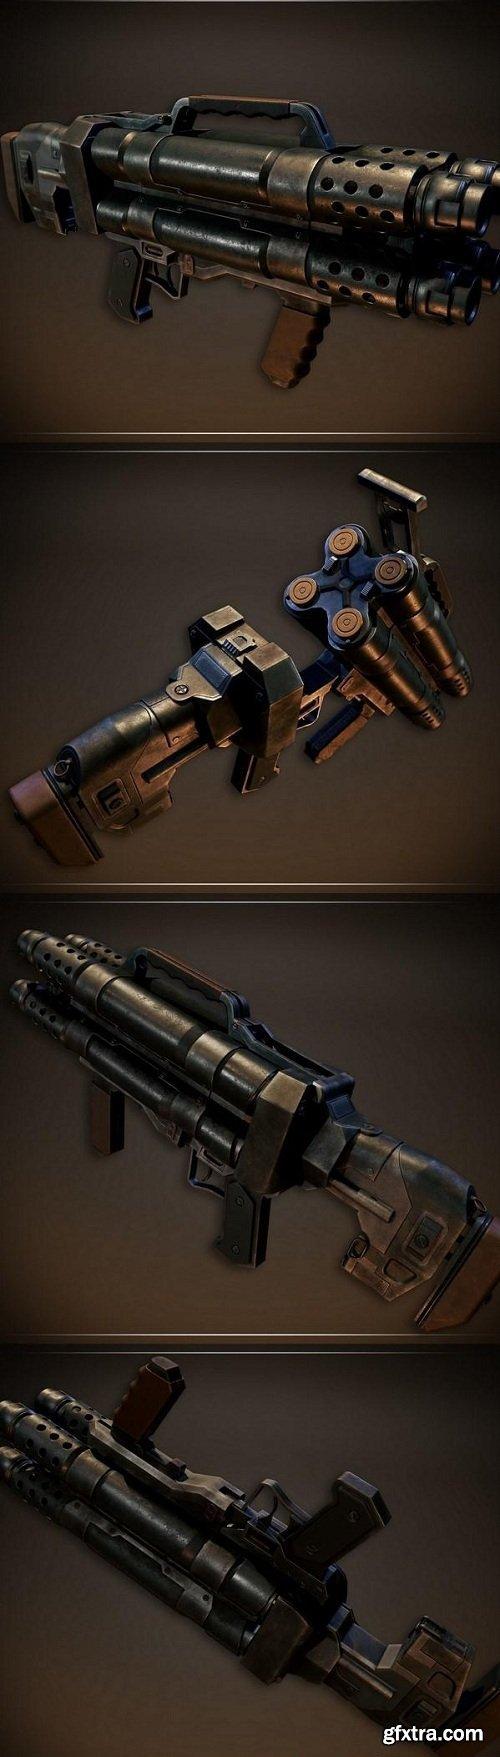 PBR Quad Barrel Shotgun 3D model